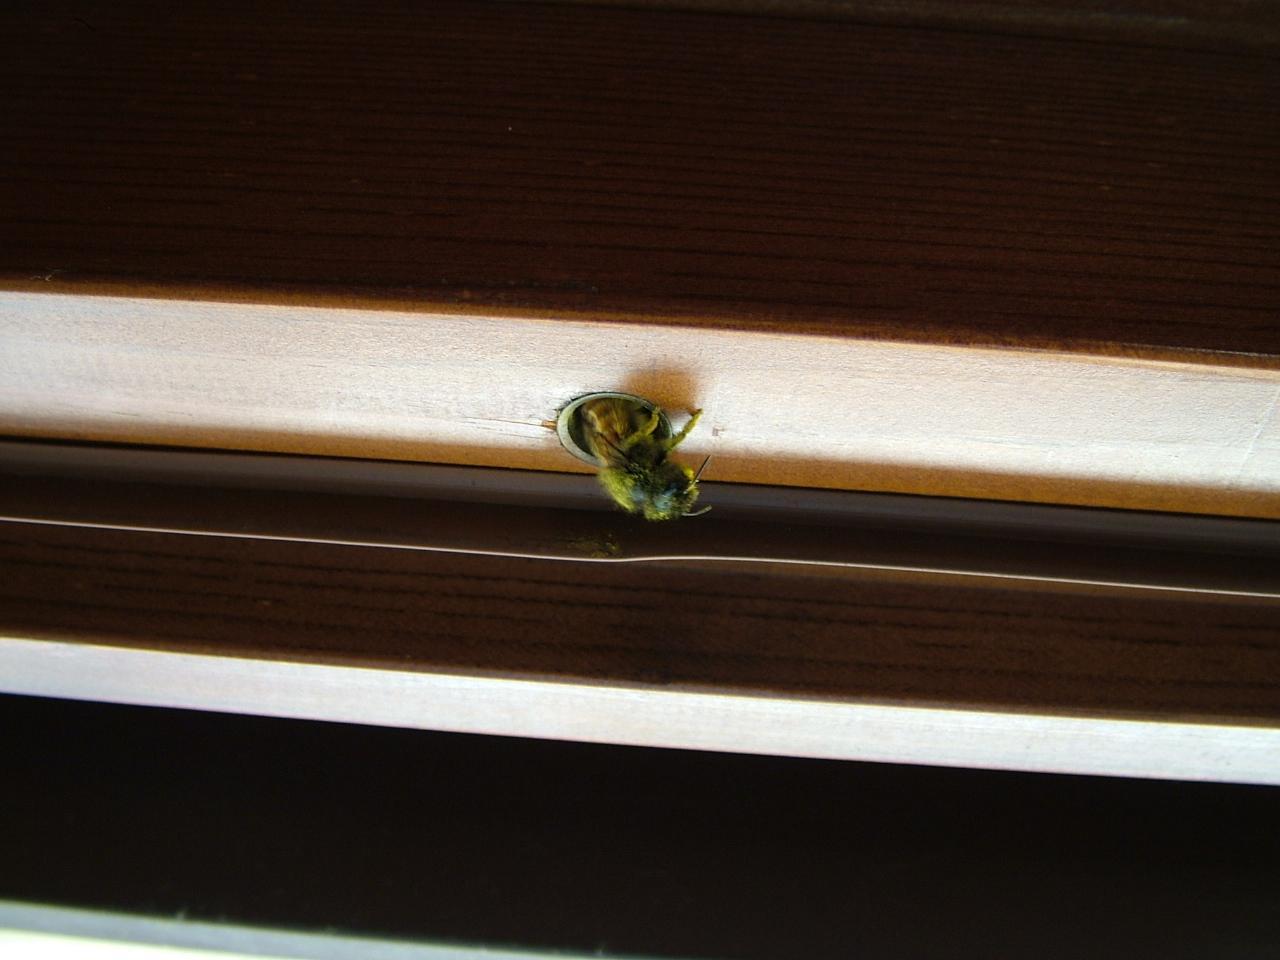 Un ape solitaria ha fatto il nido nella mia porta di casa - Chiudere la porta grazie ...